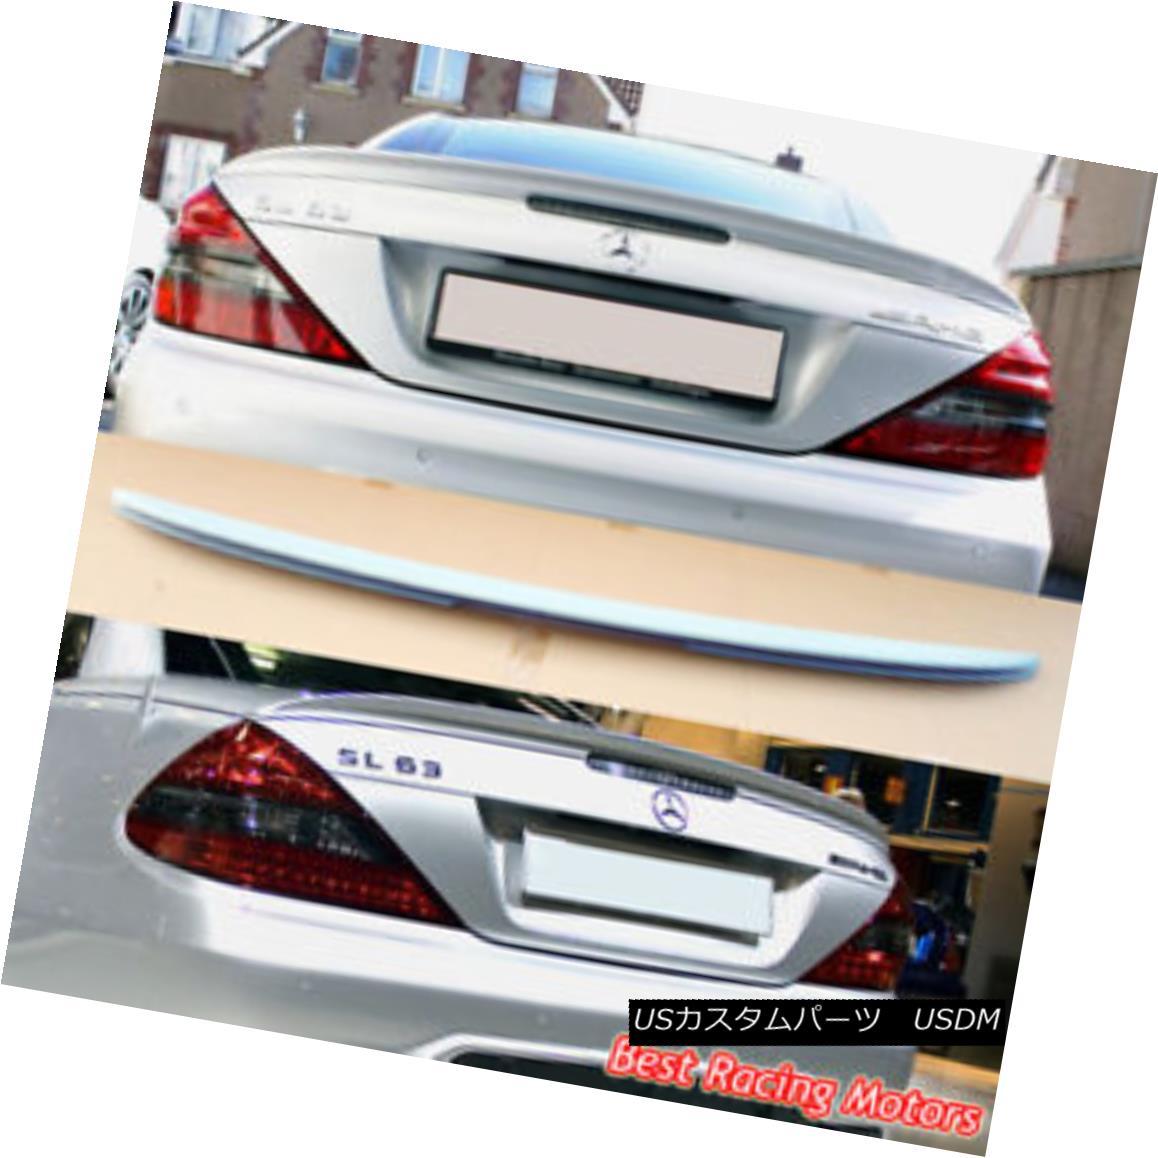 エアロパーツ A Style Trunk Spoiler Wing (ABS) Fits 03-12 Mercedes-Benz R230 SL-Class スタイル・トランク・スポイラー・ウィング(ABS)が03-12のメルセデス・ベンツR230 SLクラスに適合